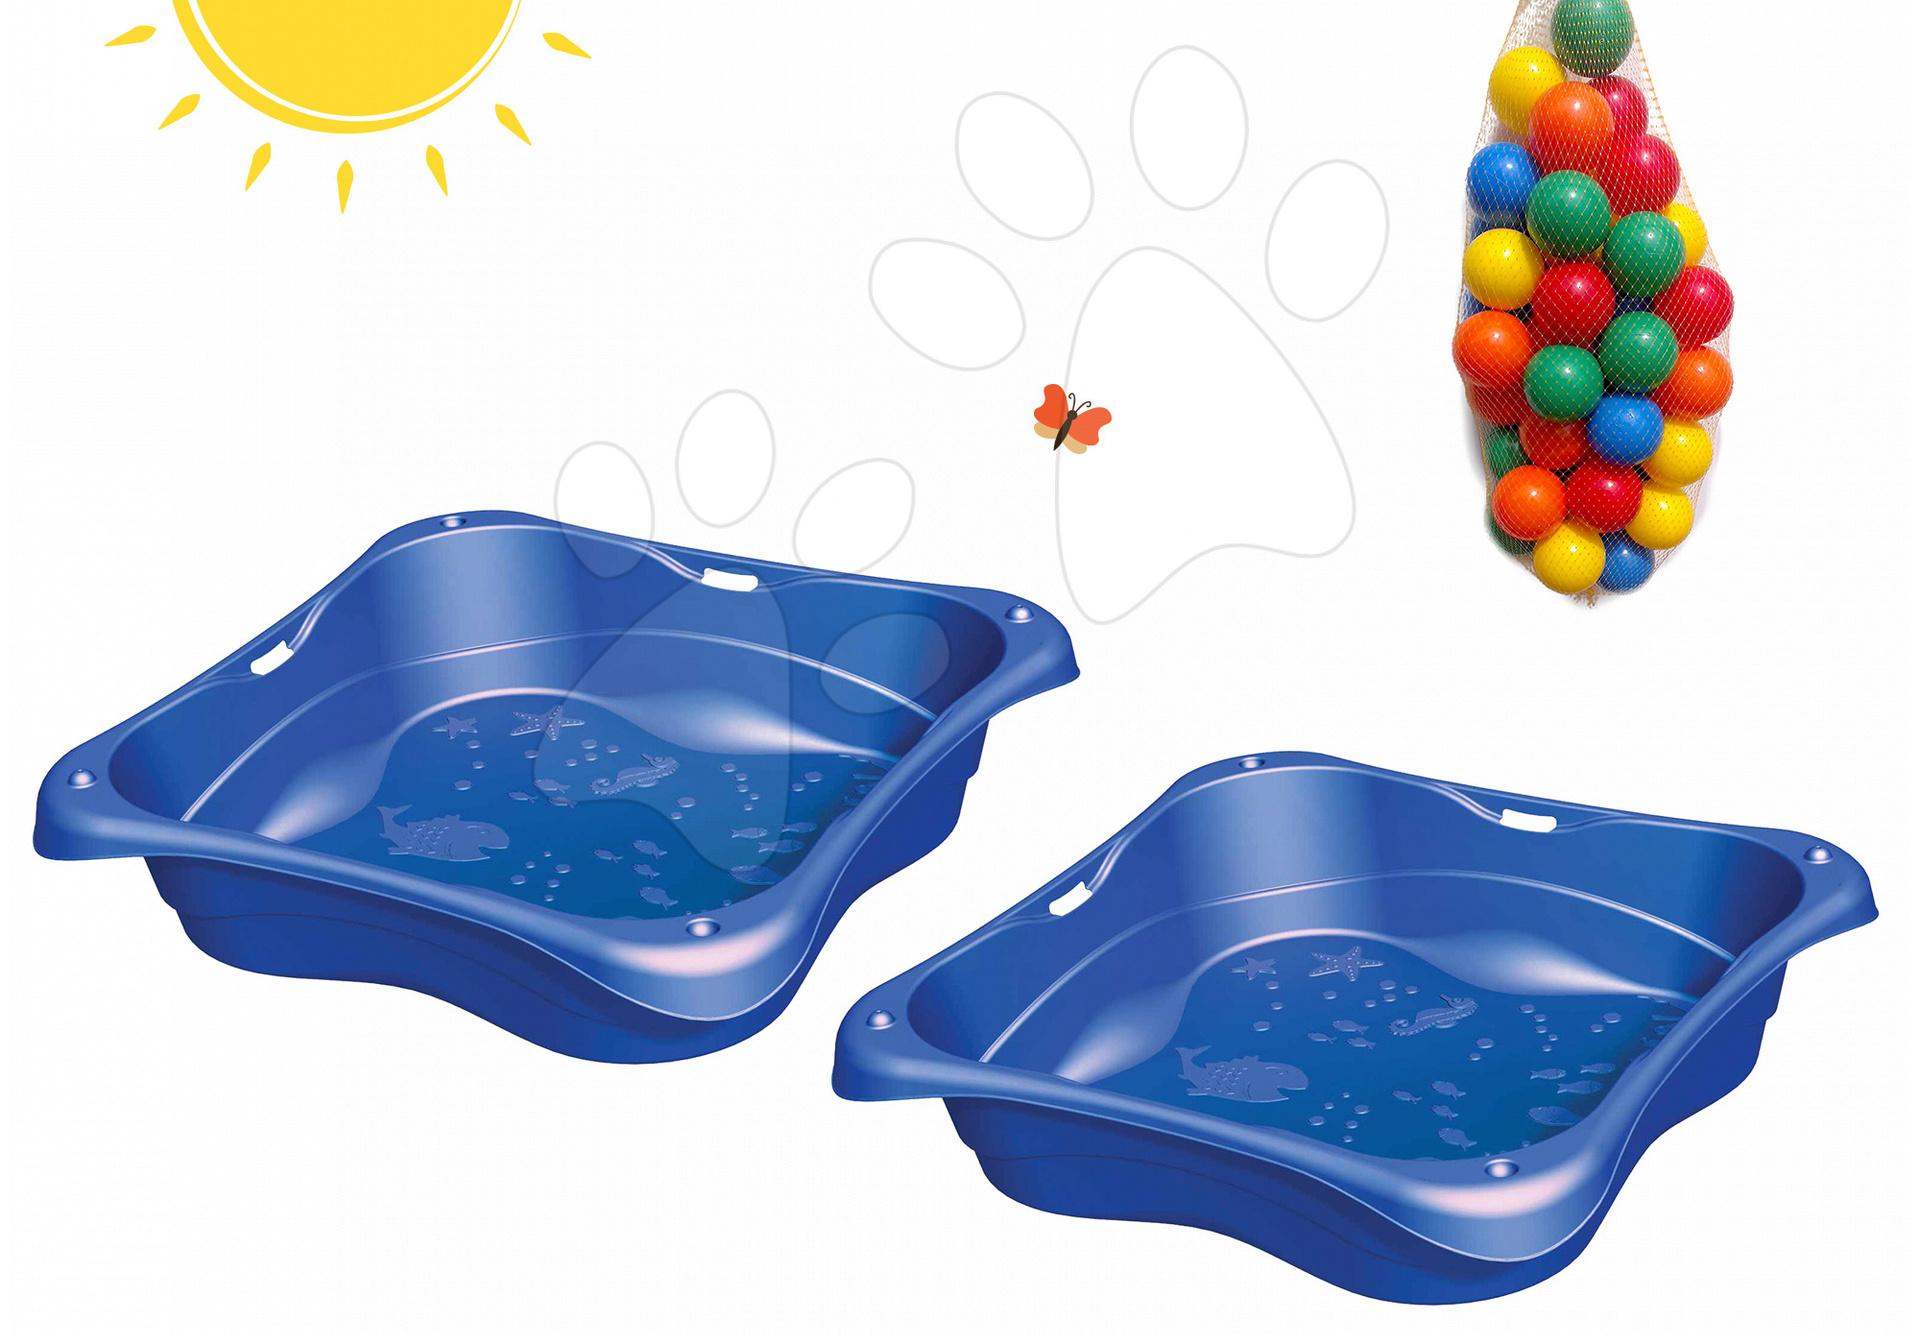 Pieskoviská pre deti - Sada dvoch pieskovísk Modrá Lagúna Lagoon Starplast objem 2*62 litrov + 100 loptičiek